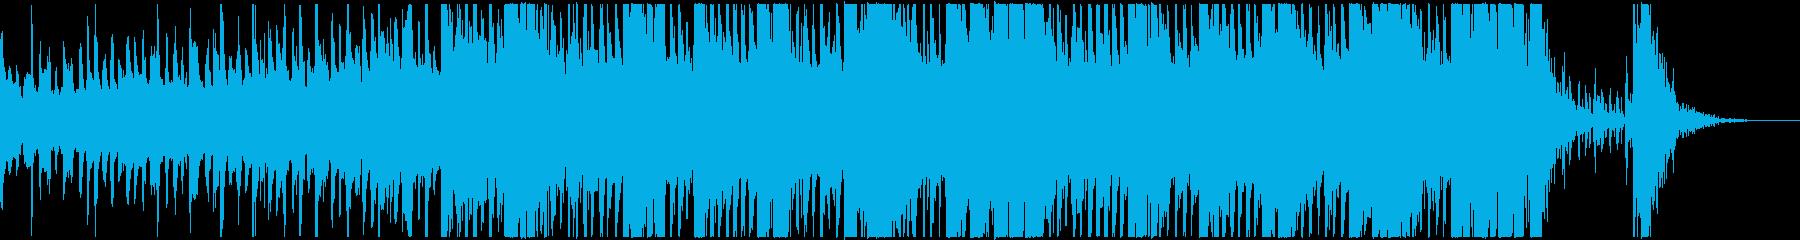 ブレイクビーツ ドラム & ベース...の再生済みの波形